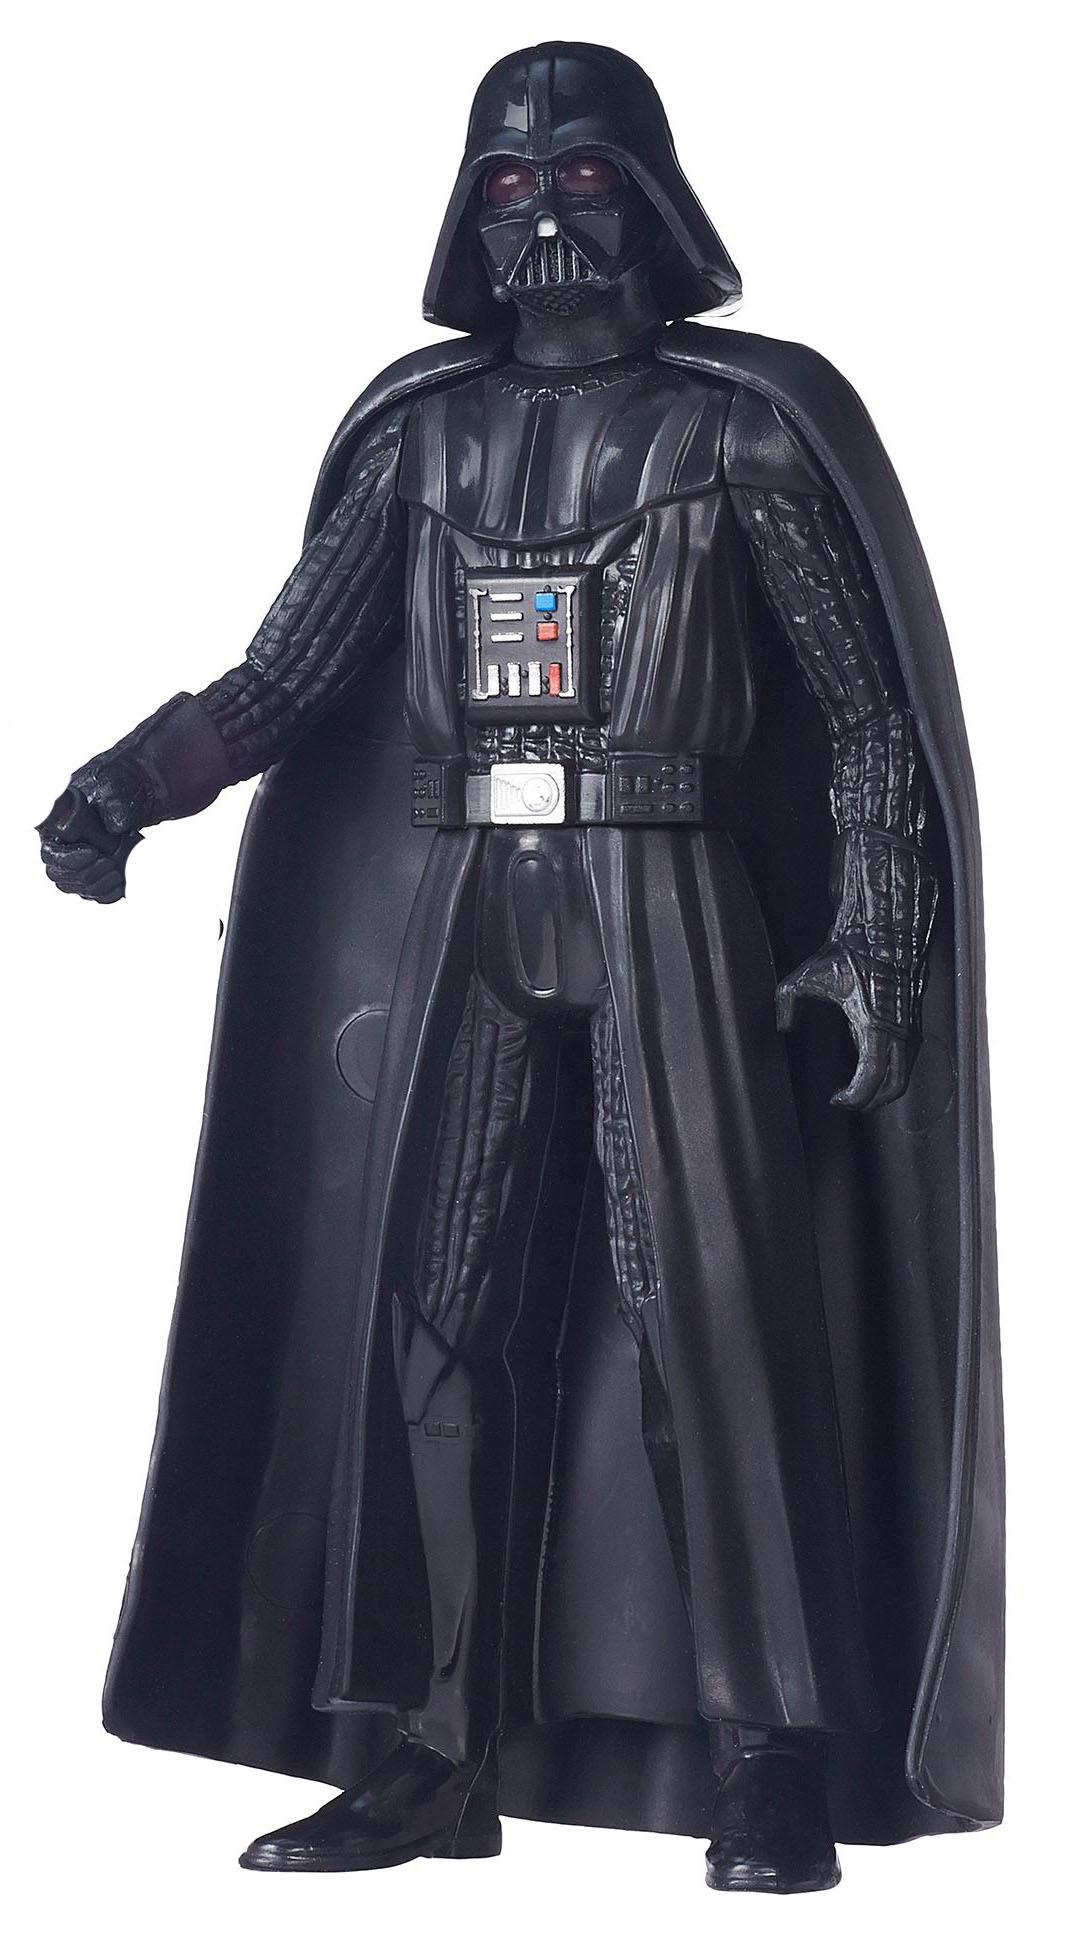 Đồ chơi mô hình nhân vật Star Wars - Darth Vader